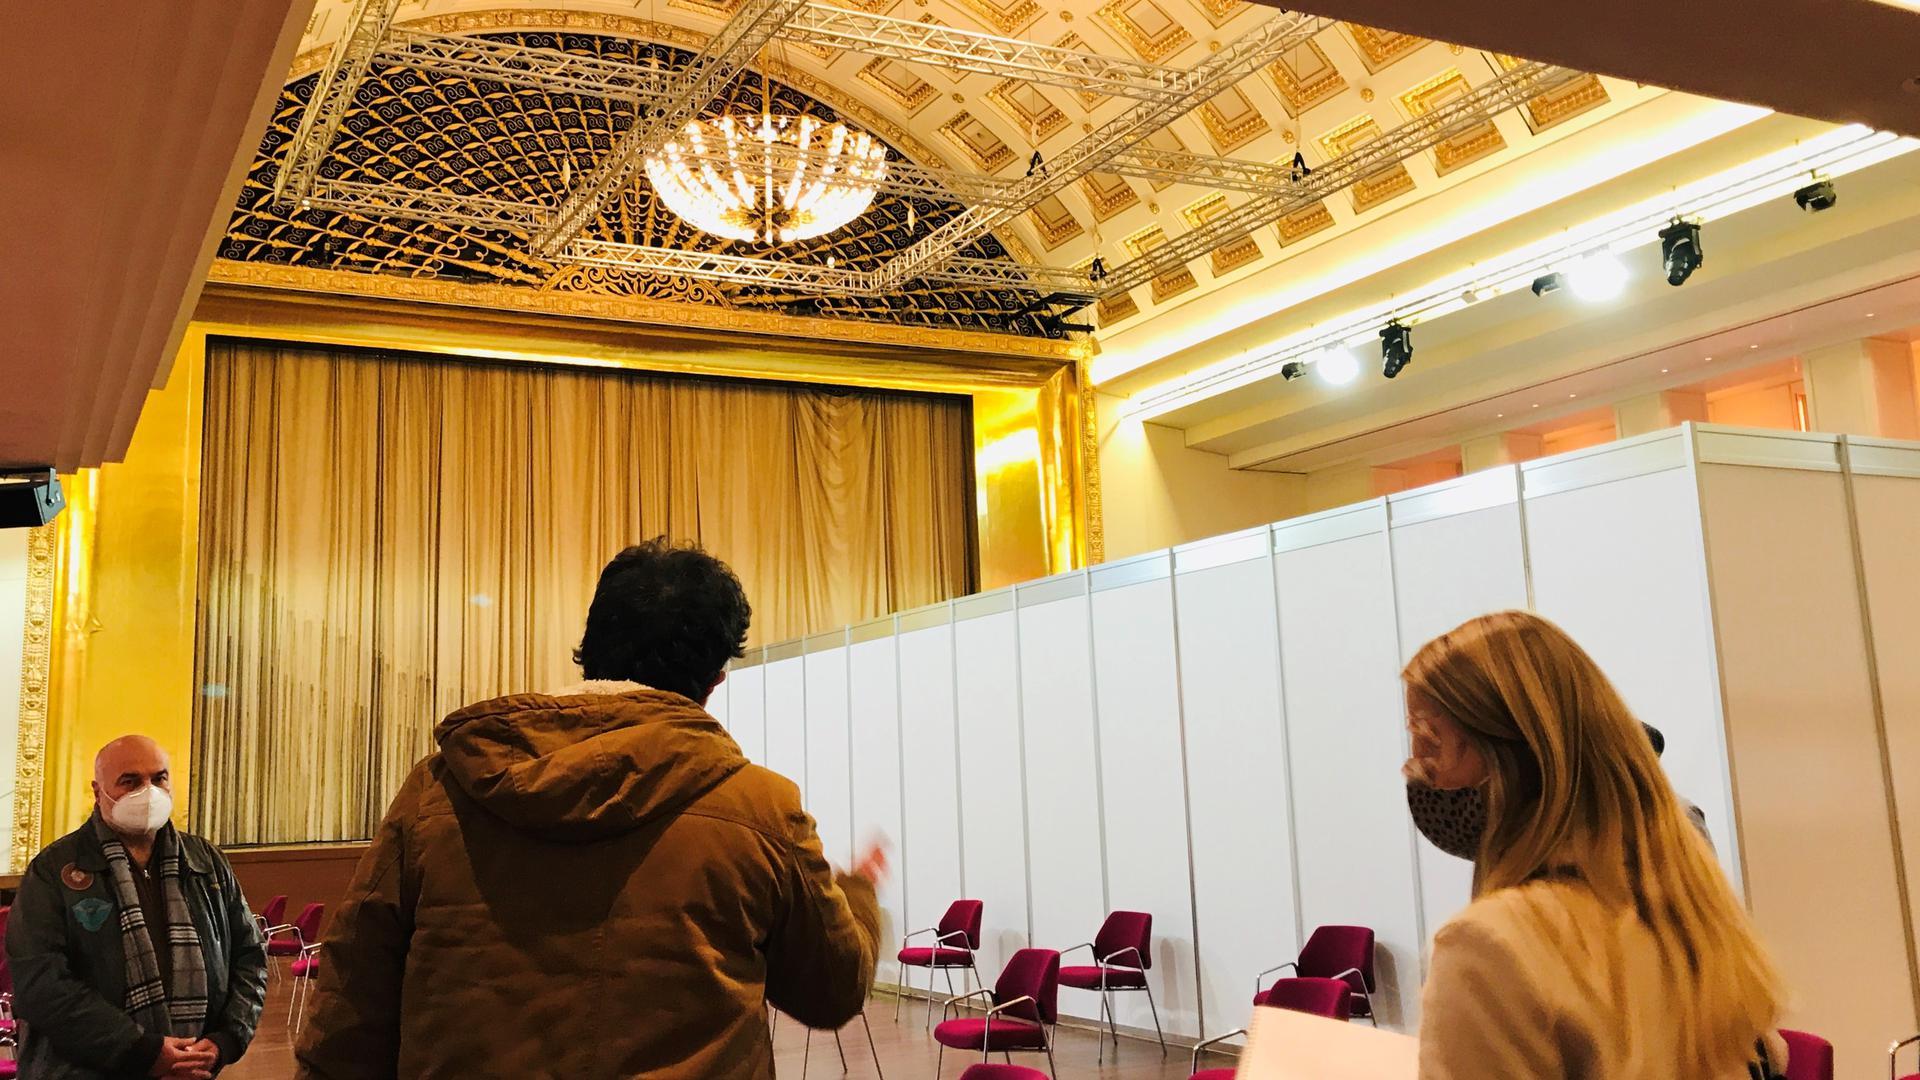 Für die Corona-Schutzimpfungen im Impfzentrum im Kurhaus Baden-Baden werden Wartezonen eingerichtet, um zu gewährleisten, dass der Mindestabstand eingehalten werden kann.